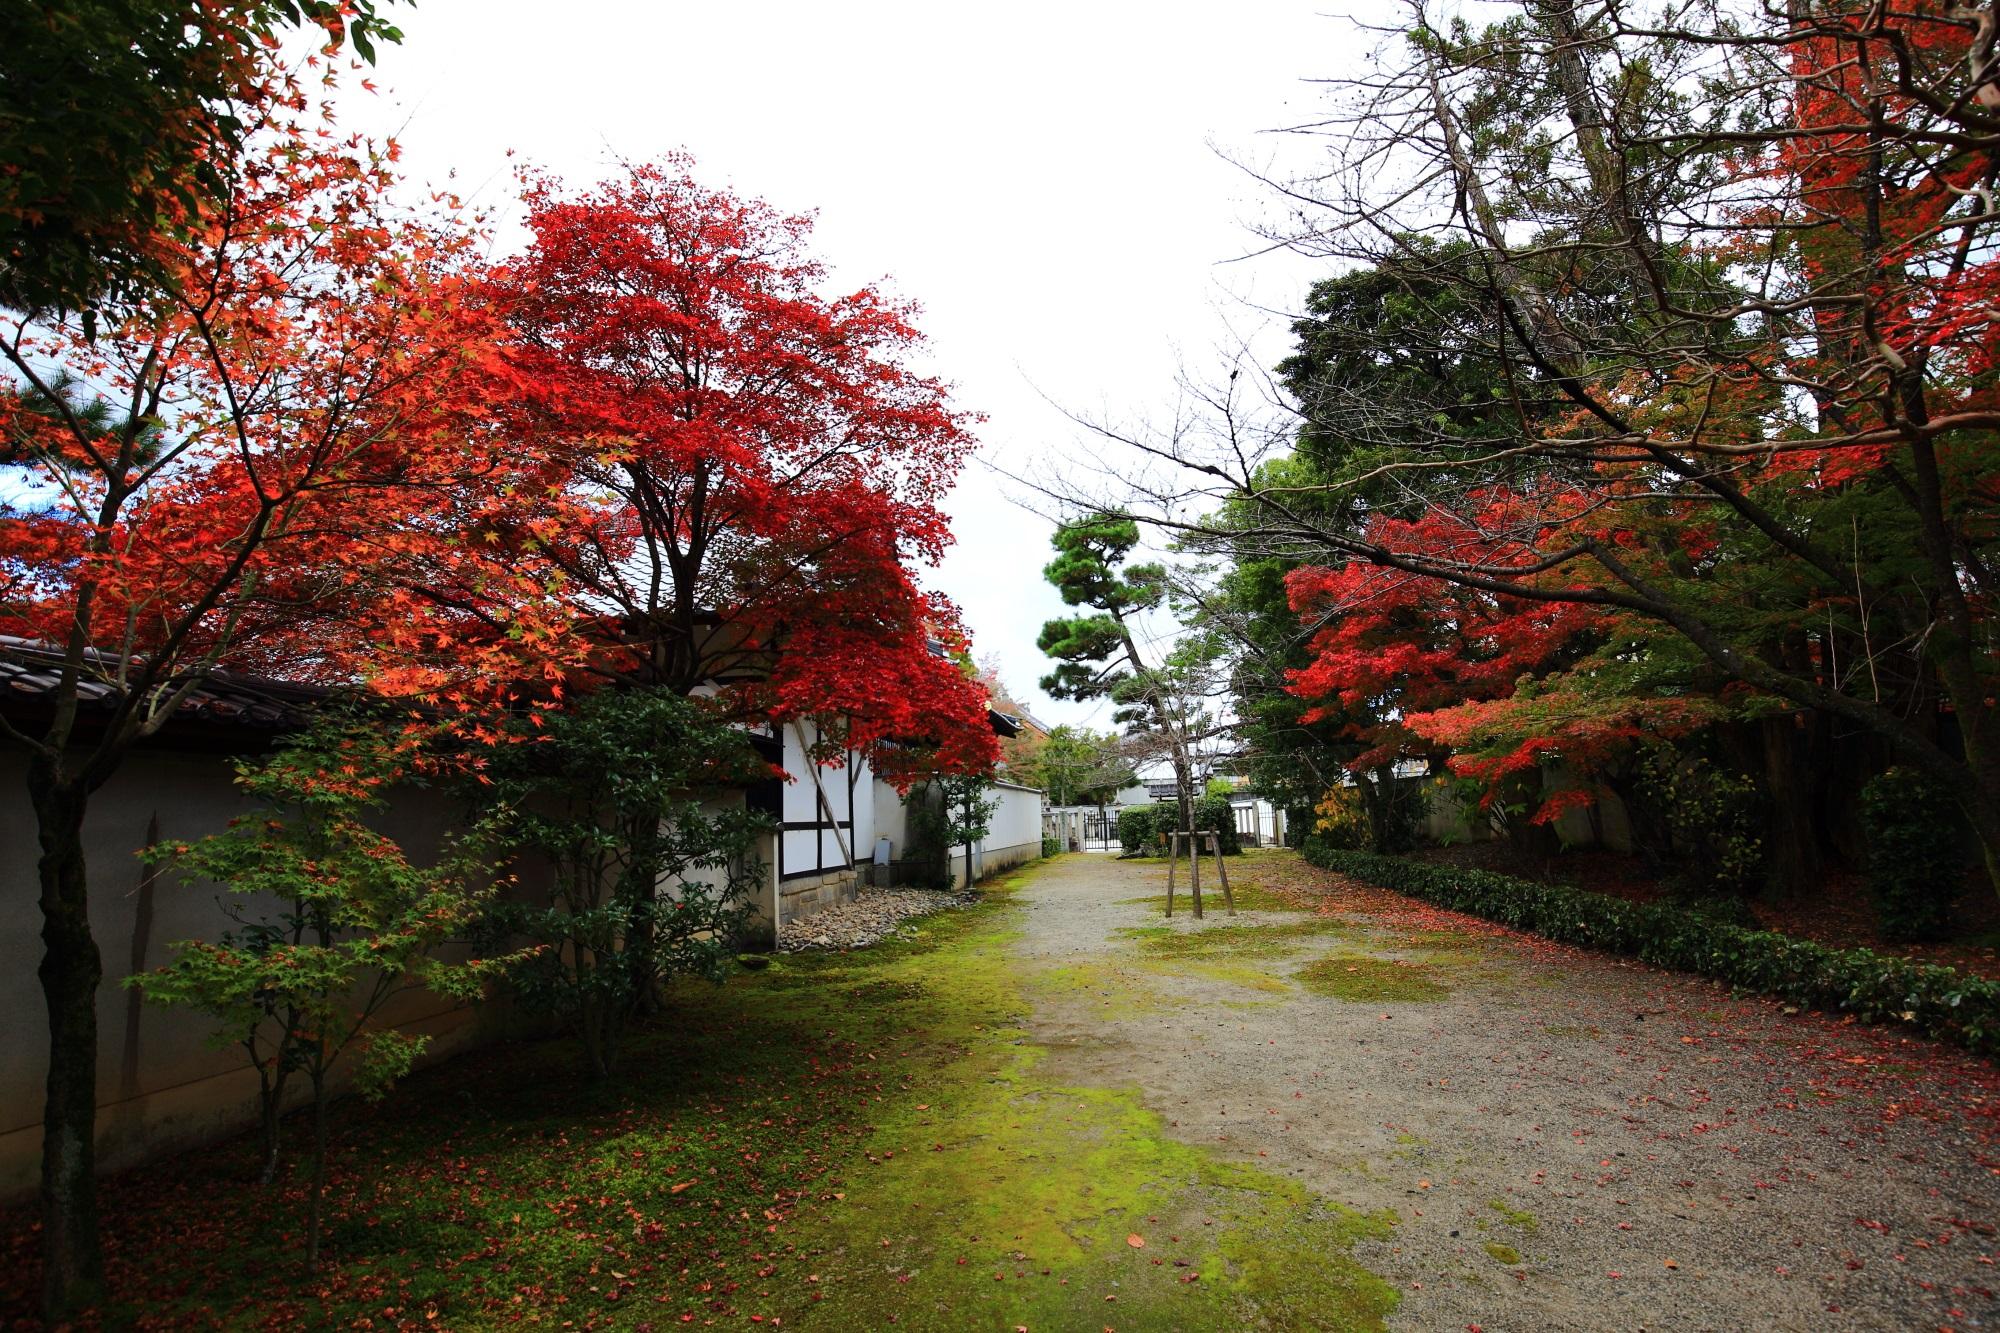 廬山寺の参道の美しい紅葉